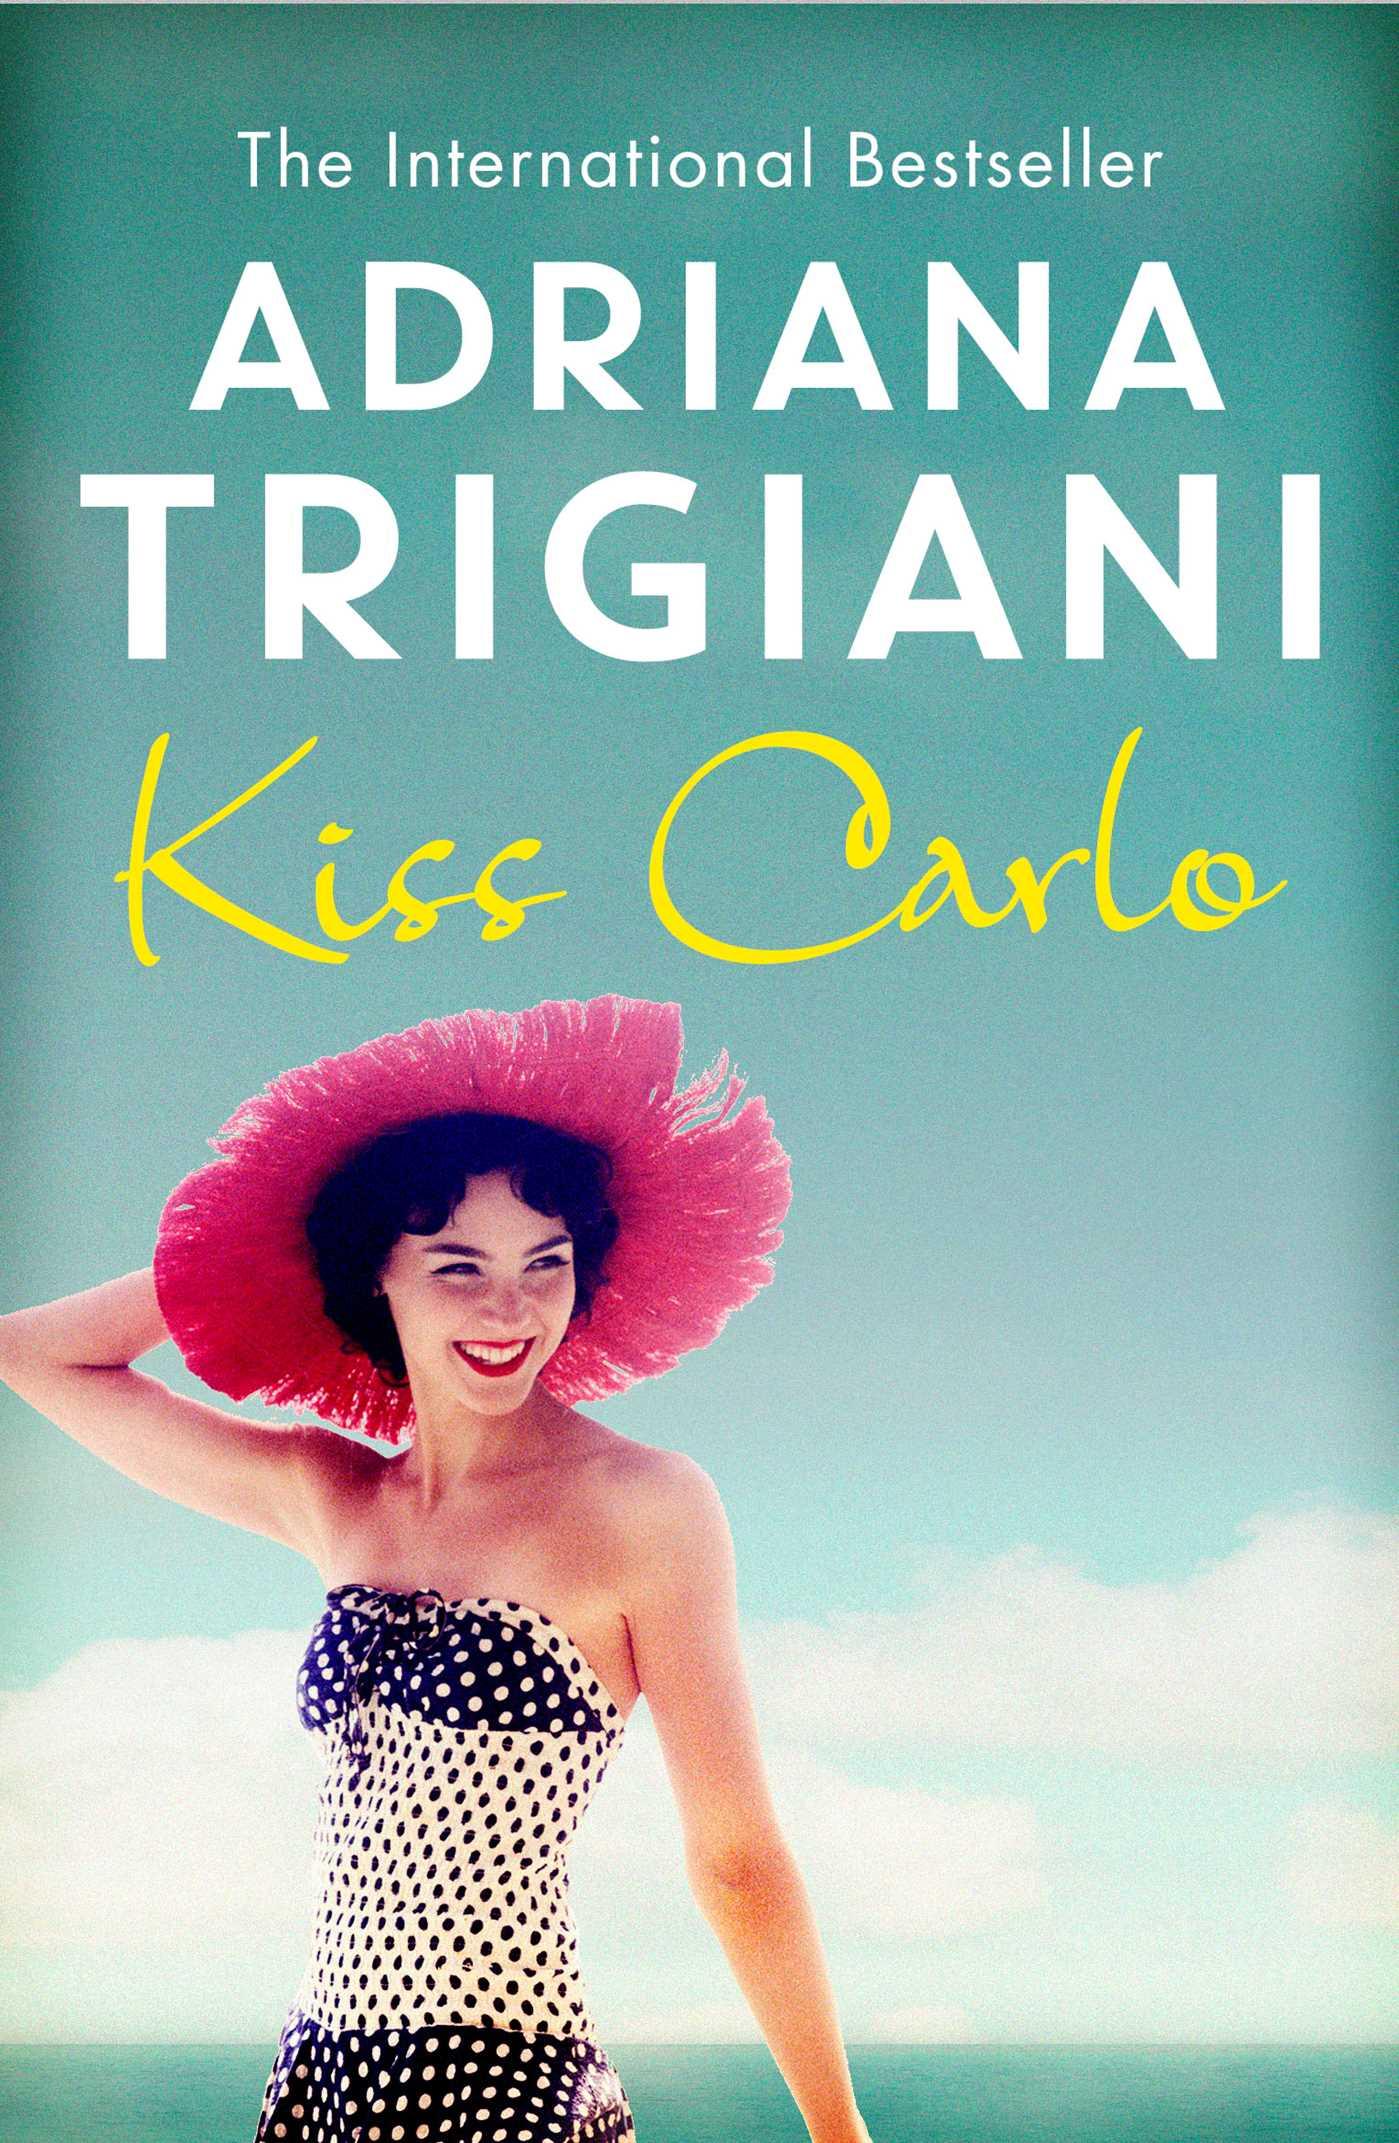 Kiss carlo 9781471136405 hr